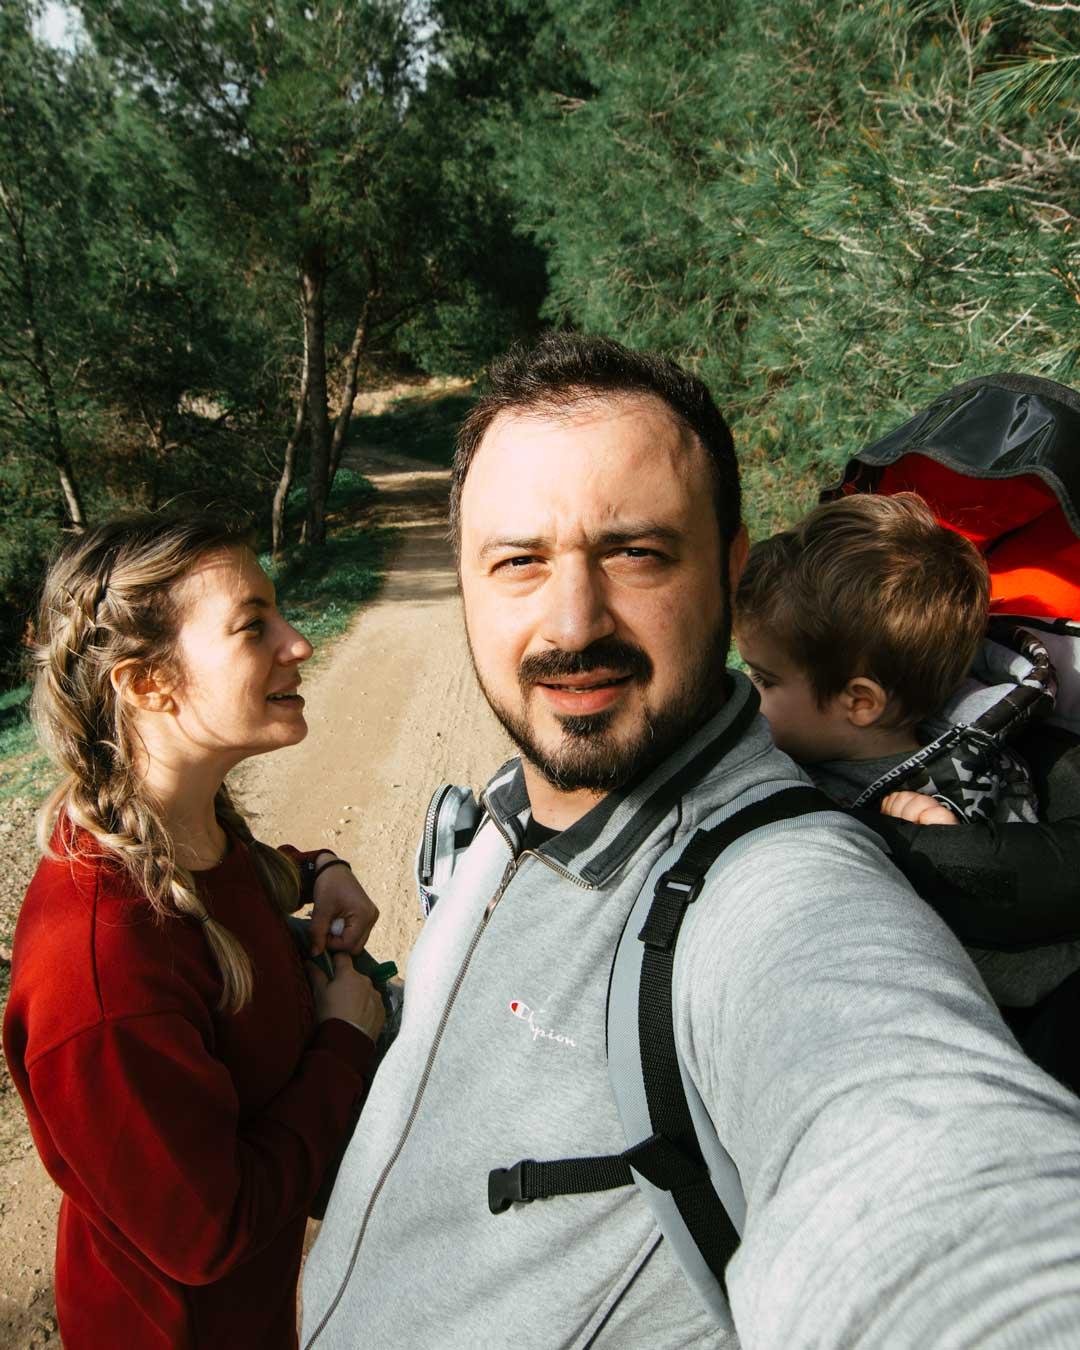 Ραπεντώσα διαδρομή travelshare.gr